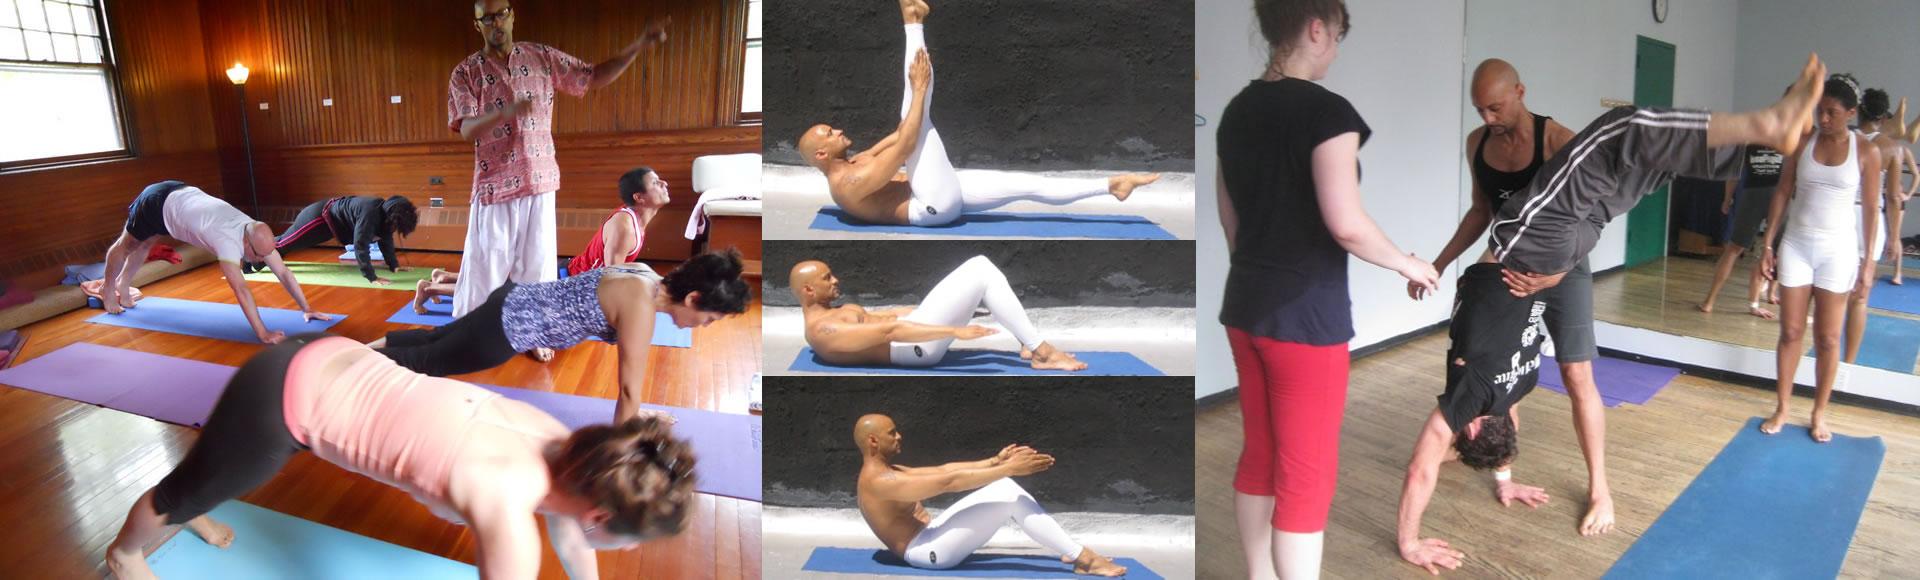 Yoga 4 Soul